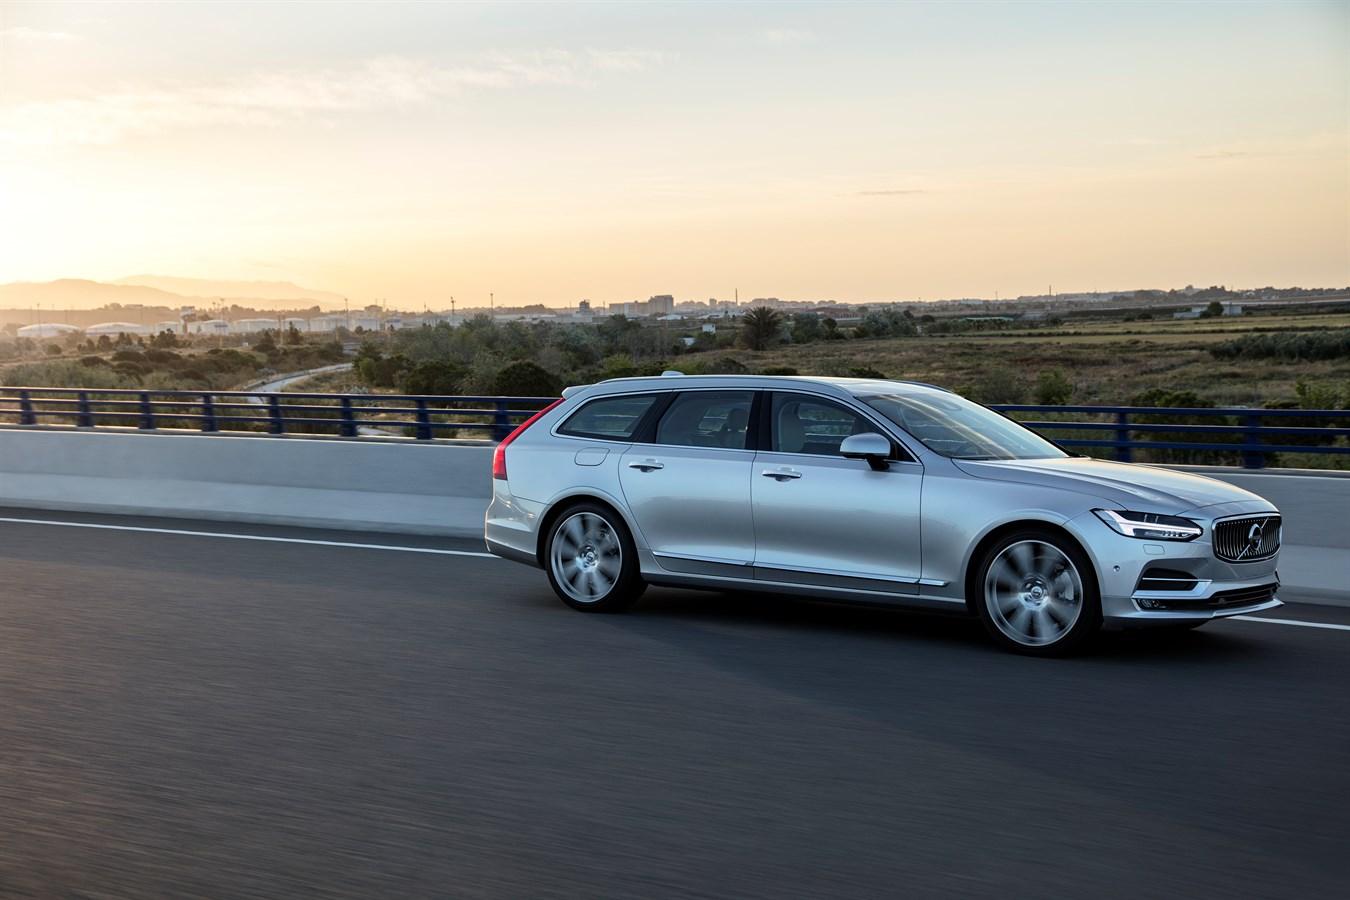 Polestar Performance Optimierung Mehr Fahrspass Fur Noch Mehr Volvo